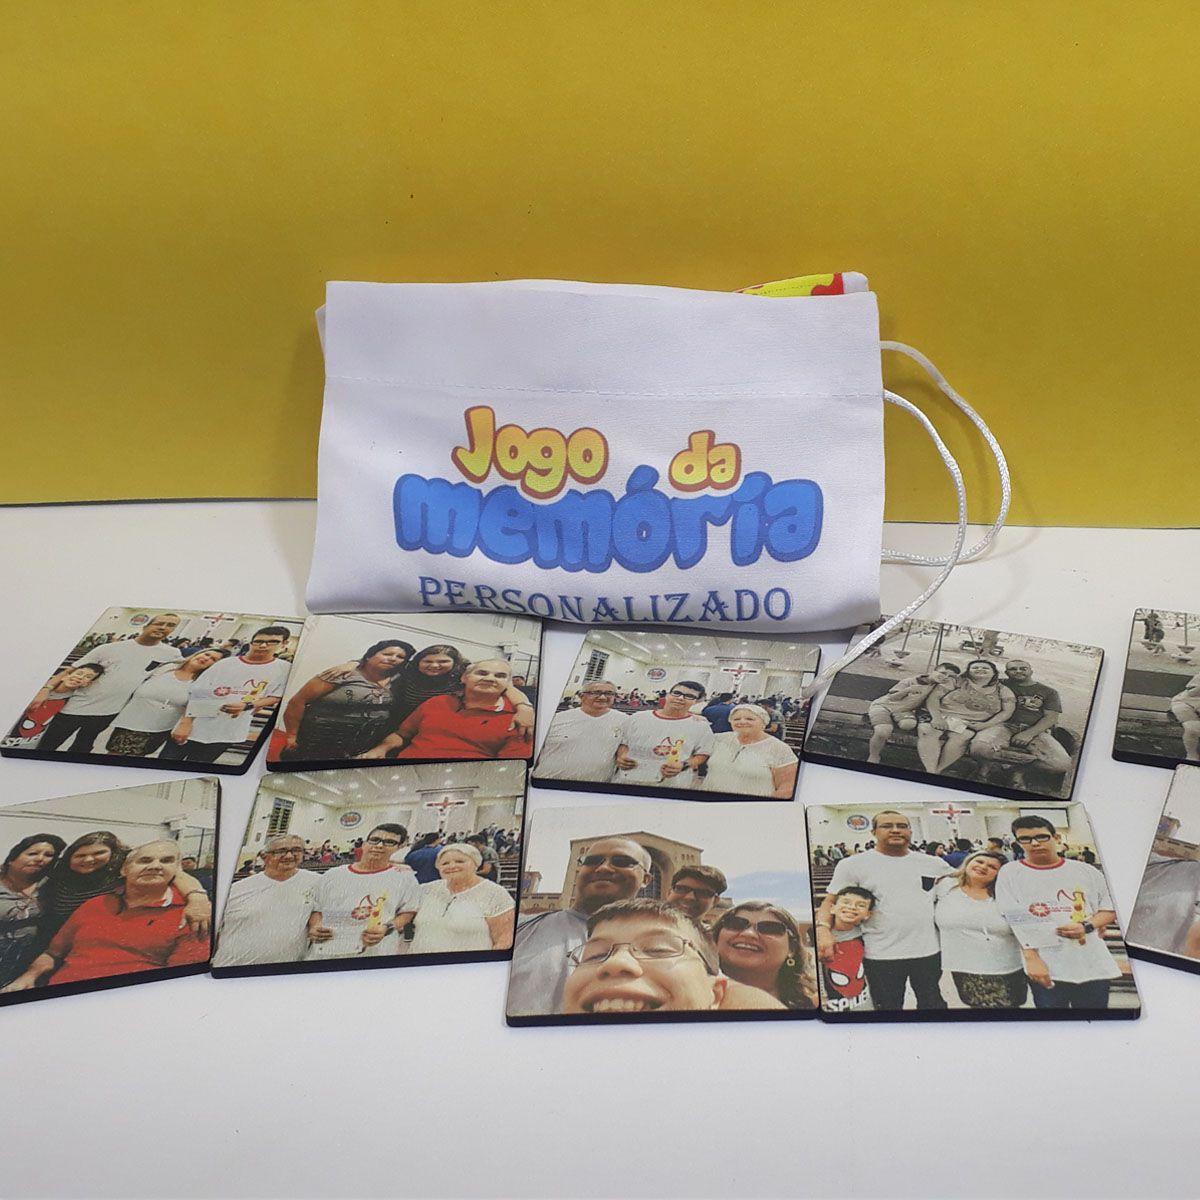 Jogo da Memória Personalizado com fotos para crianças e idosos